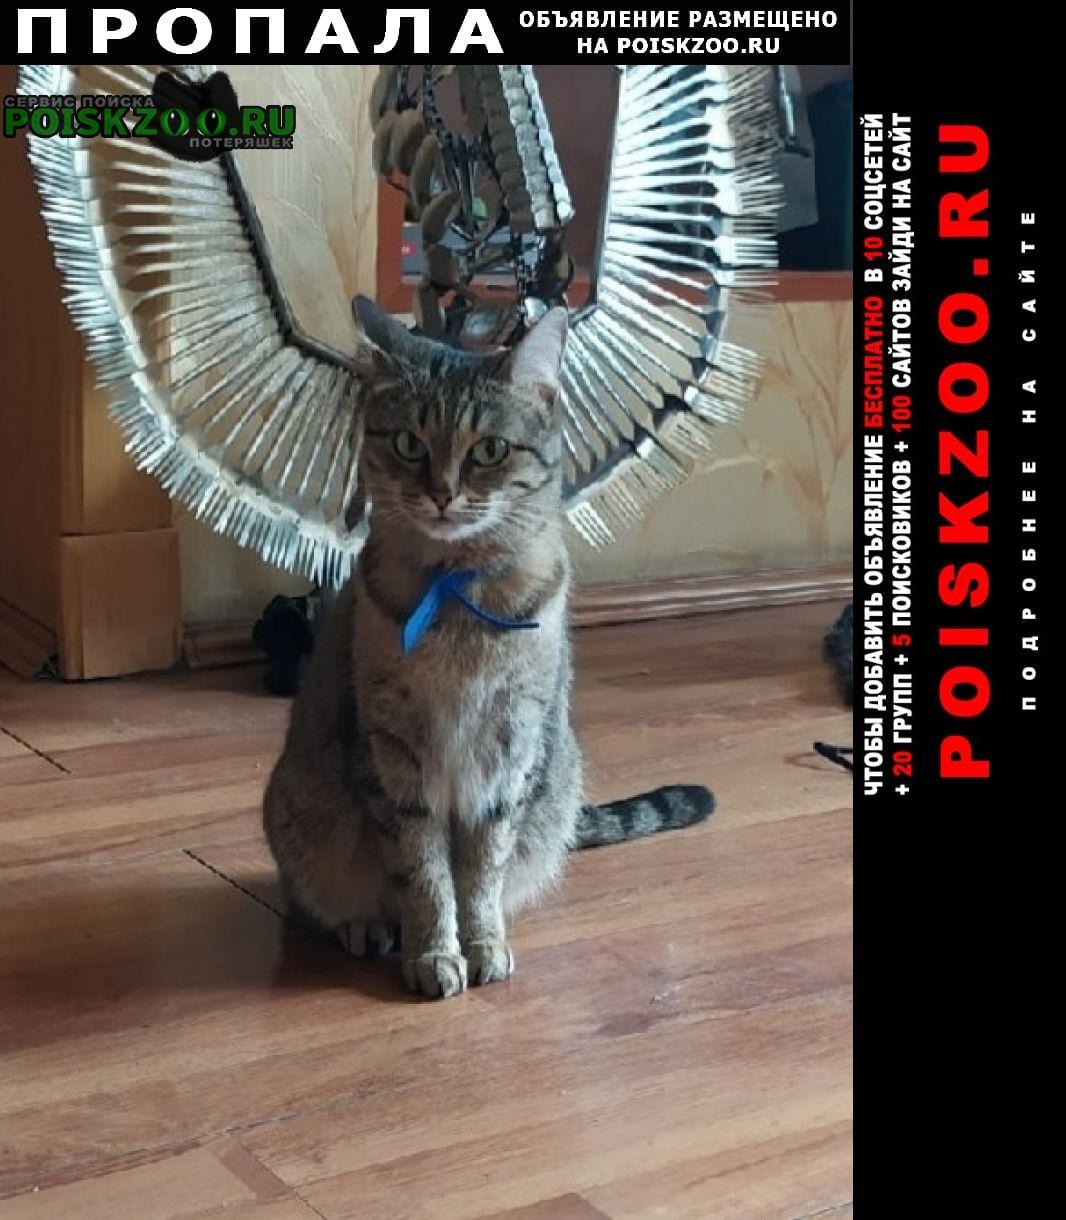 Пропала кошка камышового окраса Екатеринбург